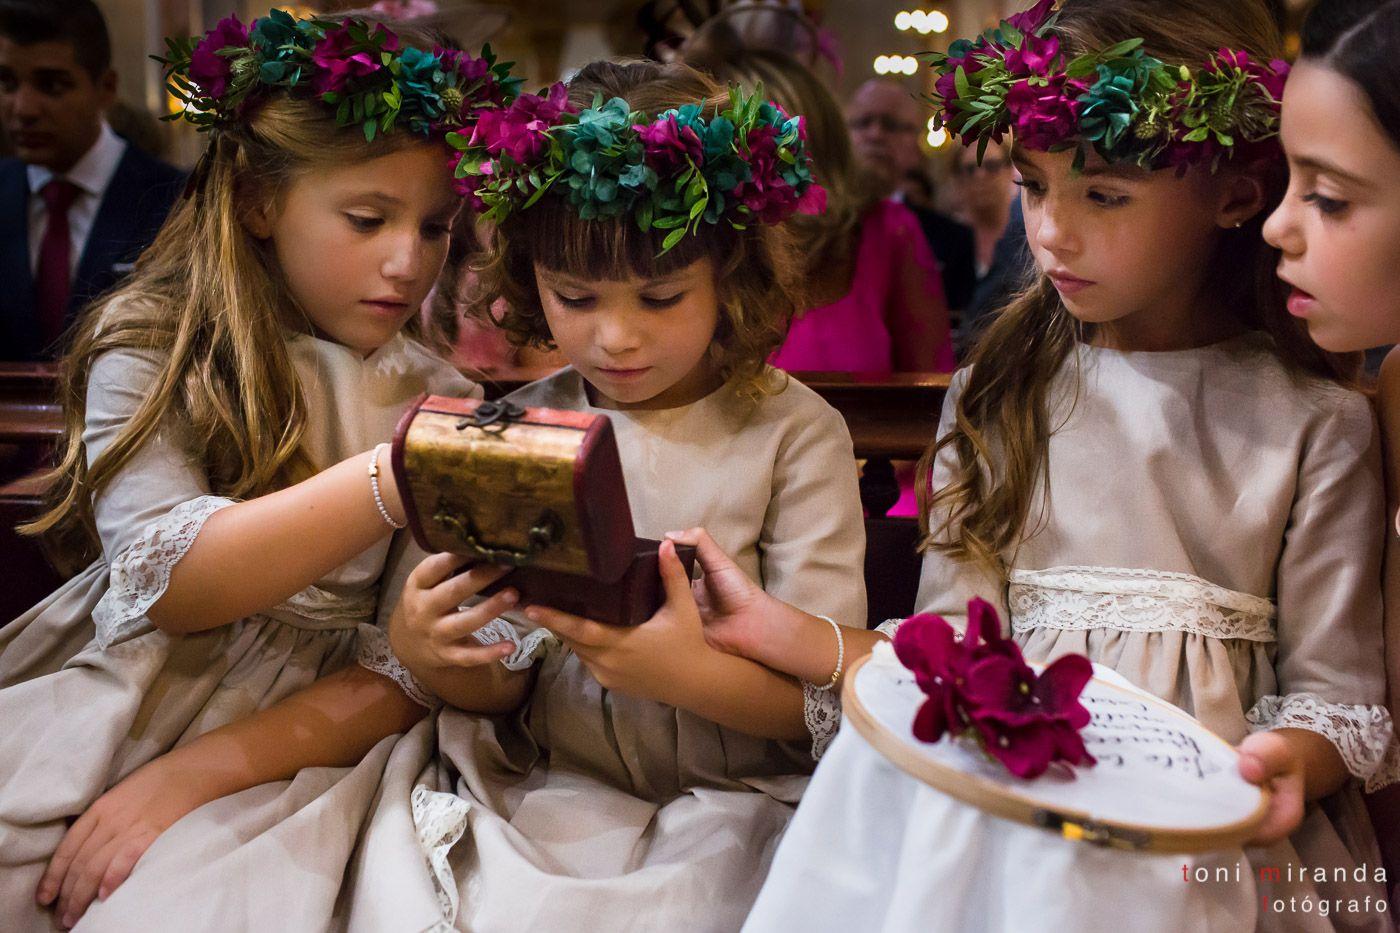 Imagen de las niñas encargadas de los anillos y arras en ceremonia celebrada en Basílica Nuestra Señora del Socorro en Aspe, Alicante